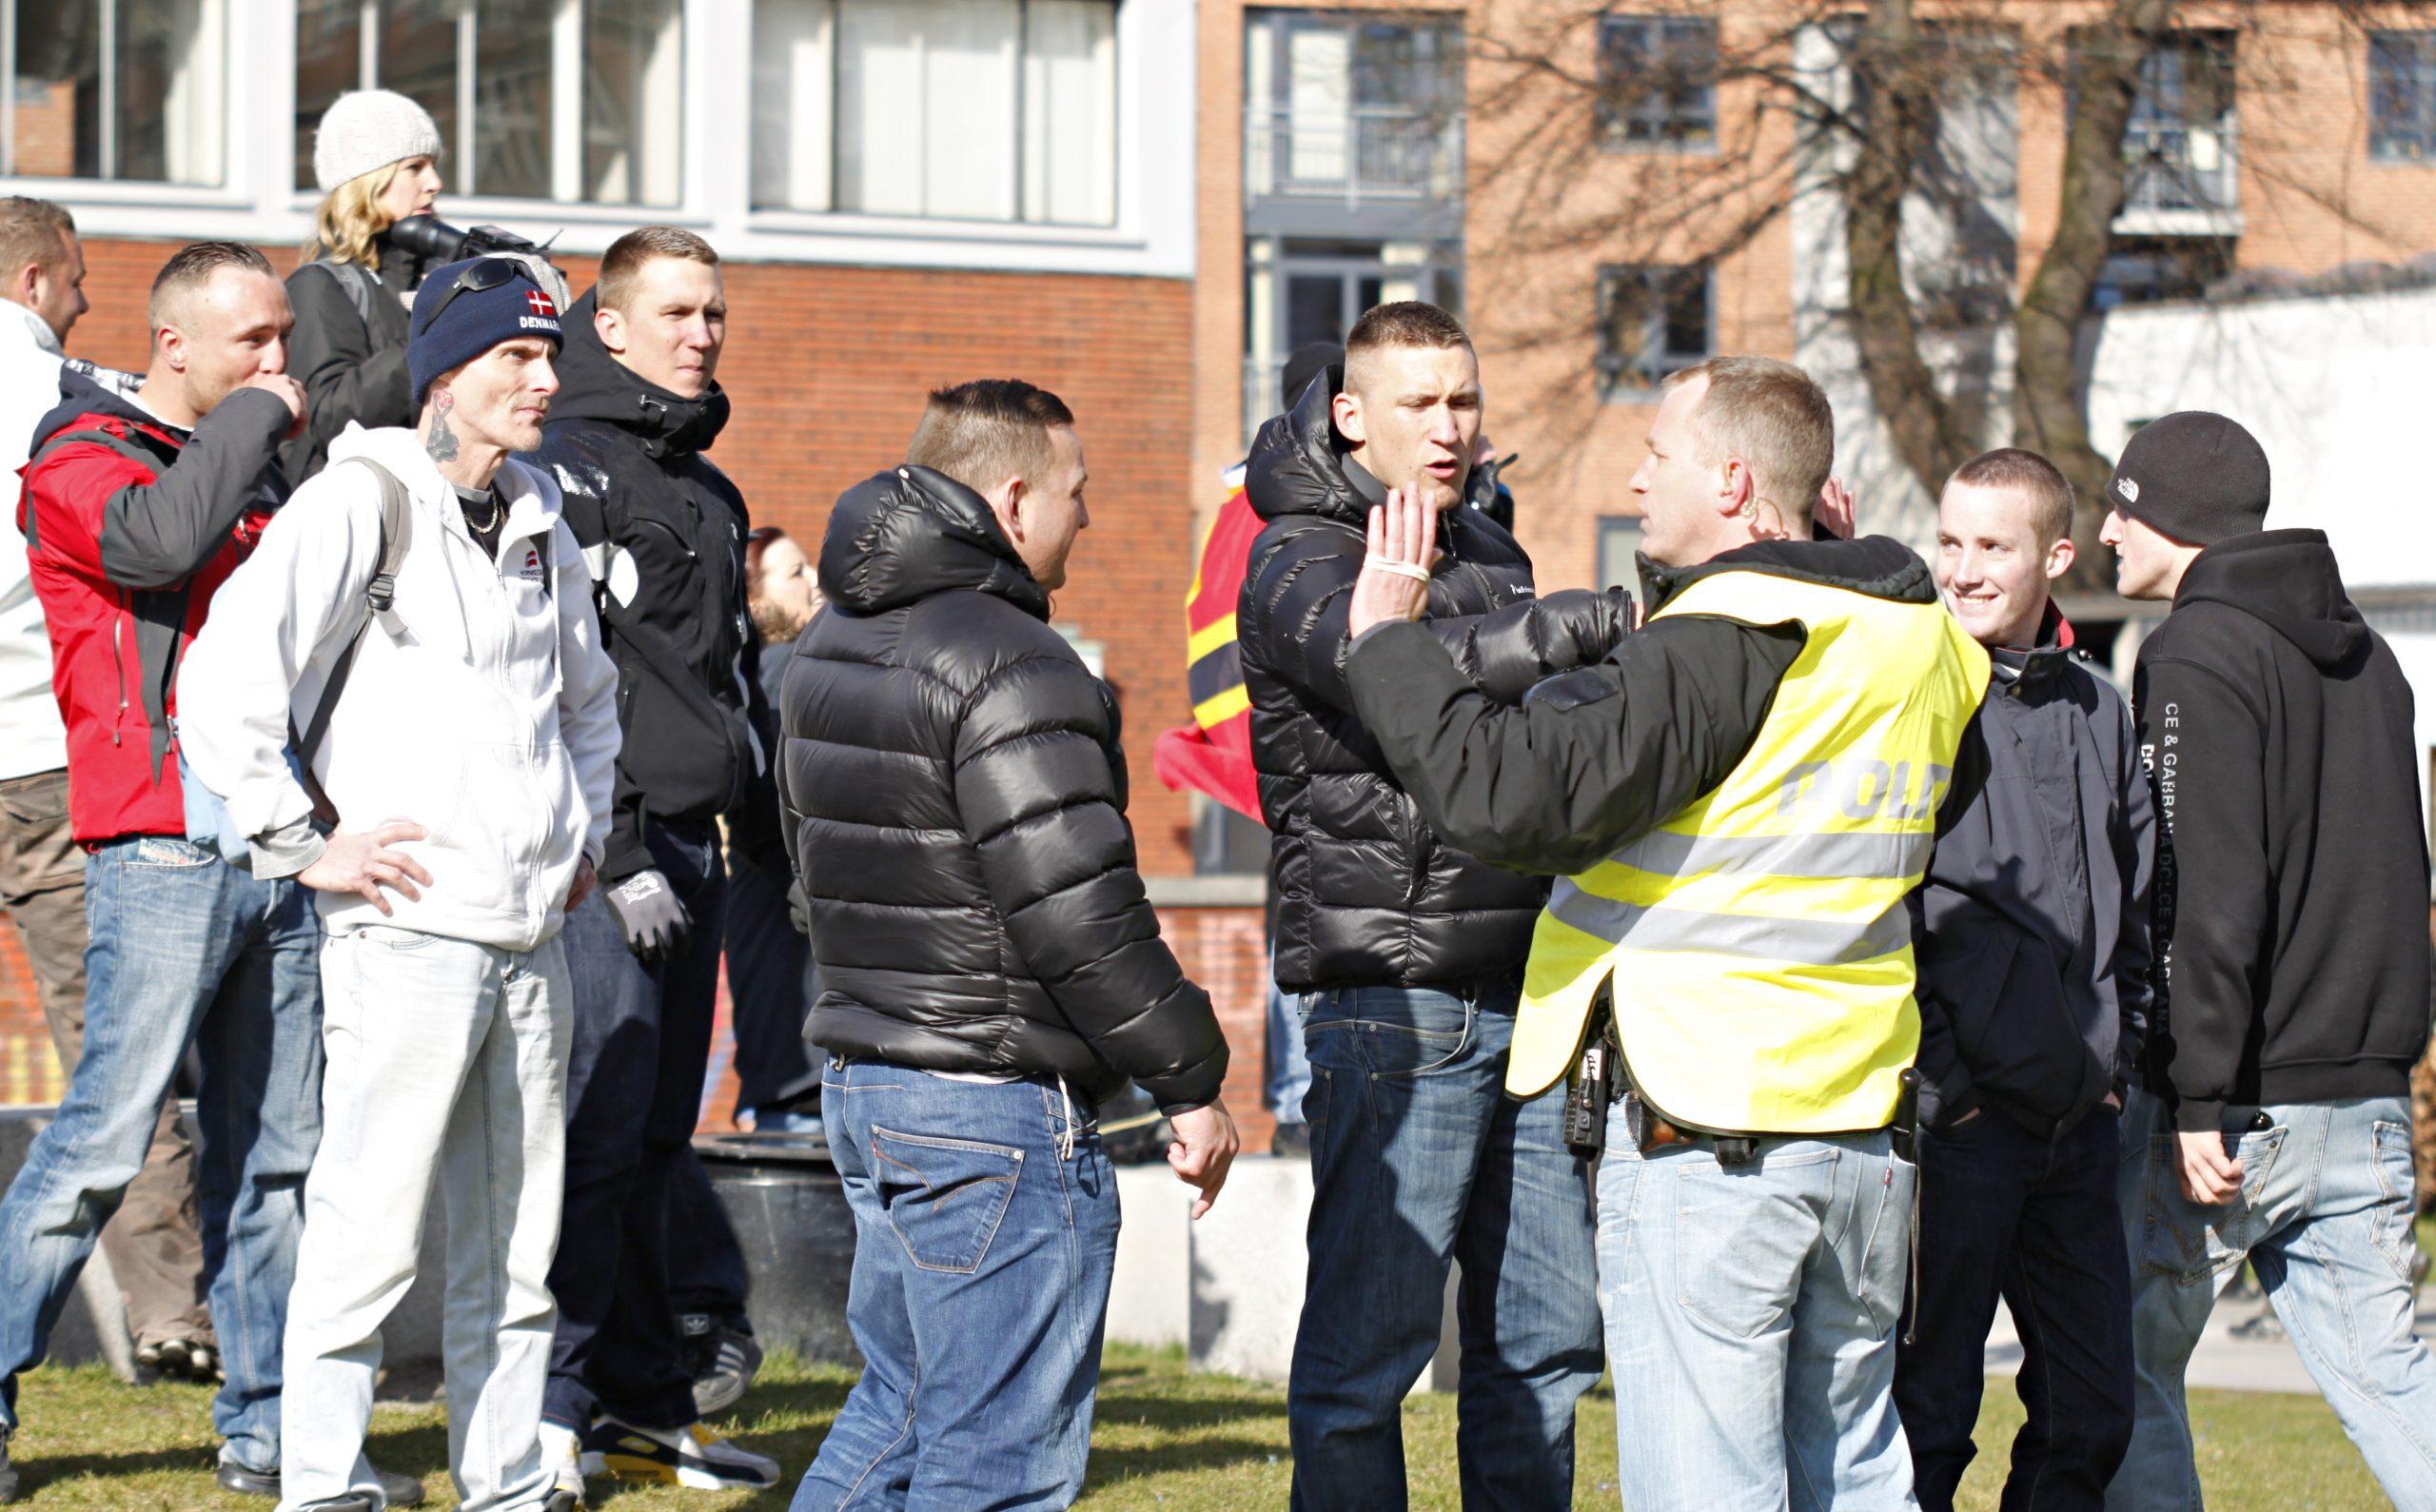 Gruppen, der senere blev kendt som Rightwings, ses her i konflikt med politiet under English Defence Leagues demonstration i Århus i marts 2012. Foto: Redox